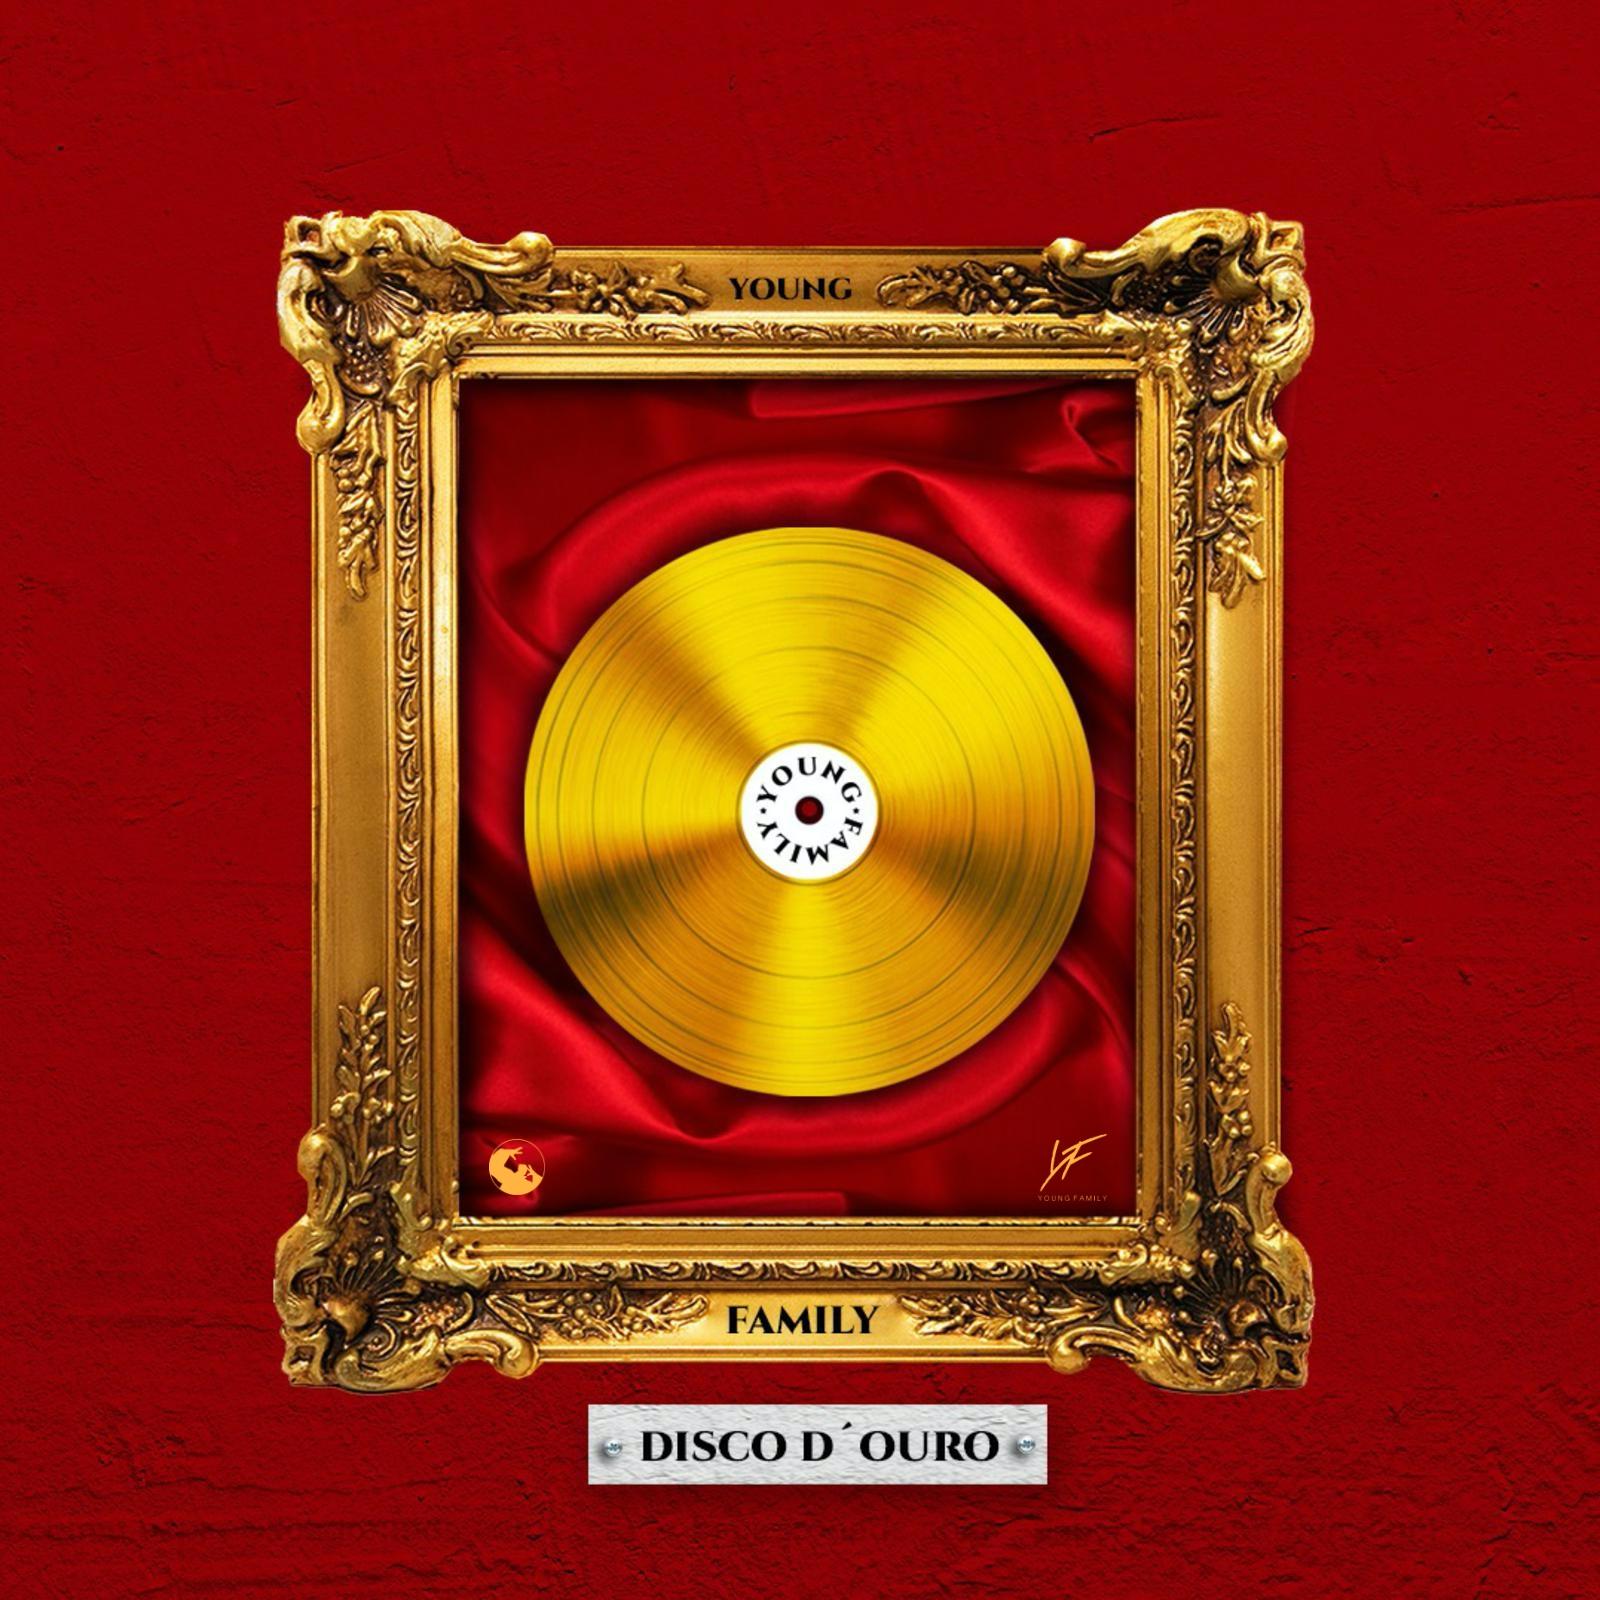 Young Family - Disco De Ouro (Álbum Completo) 2019